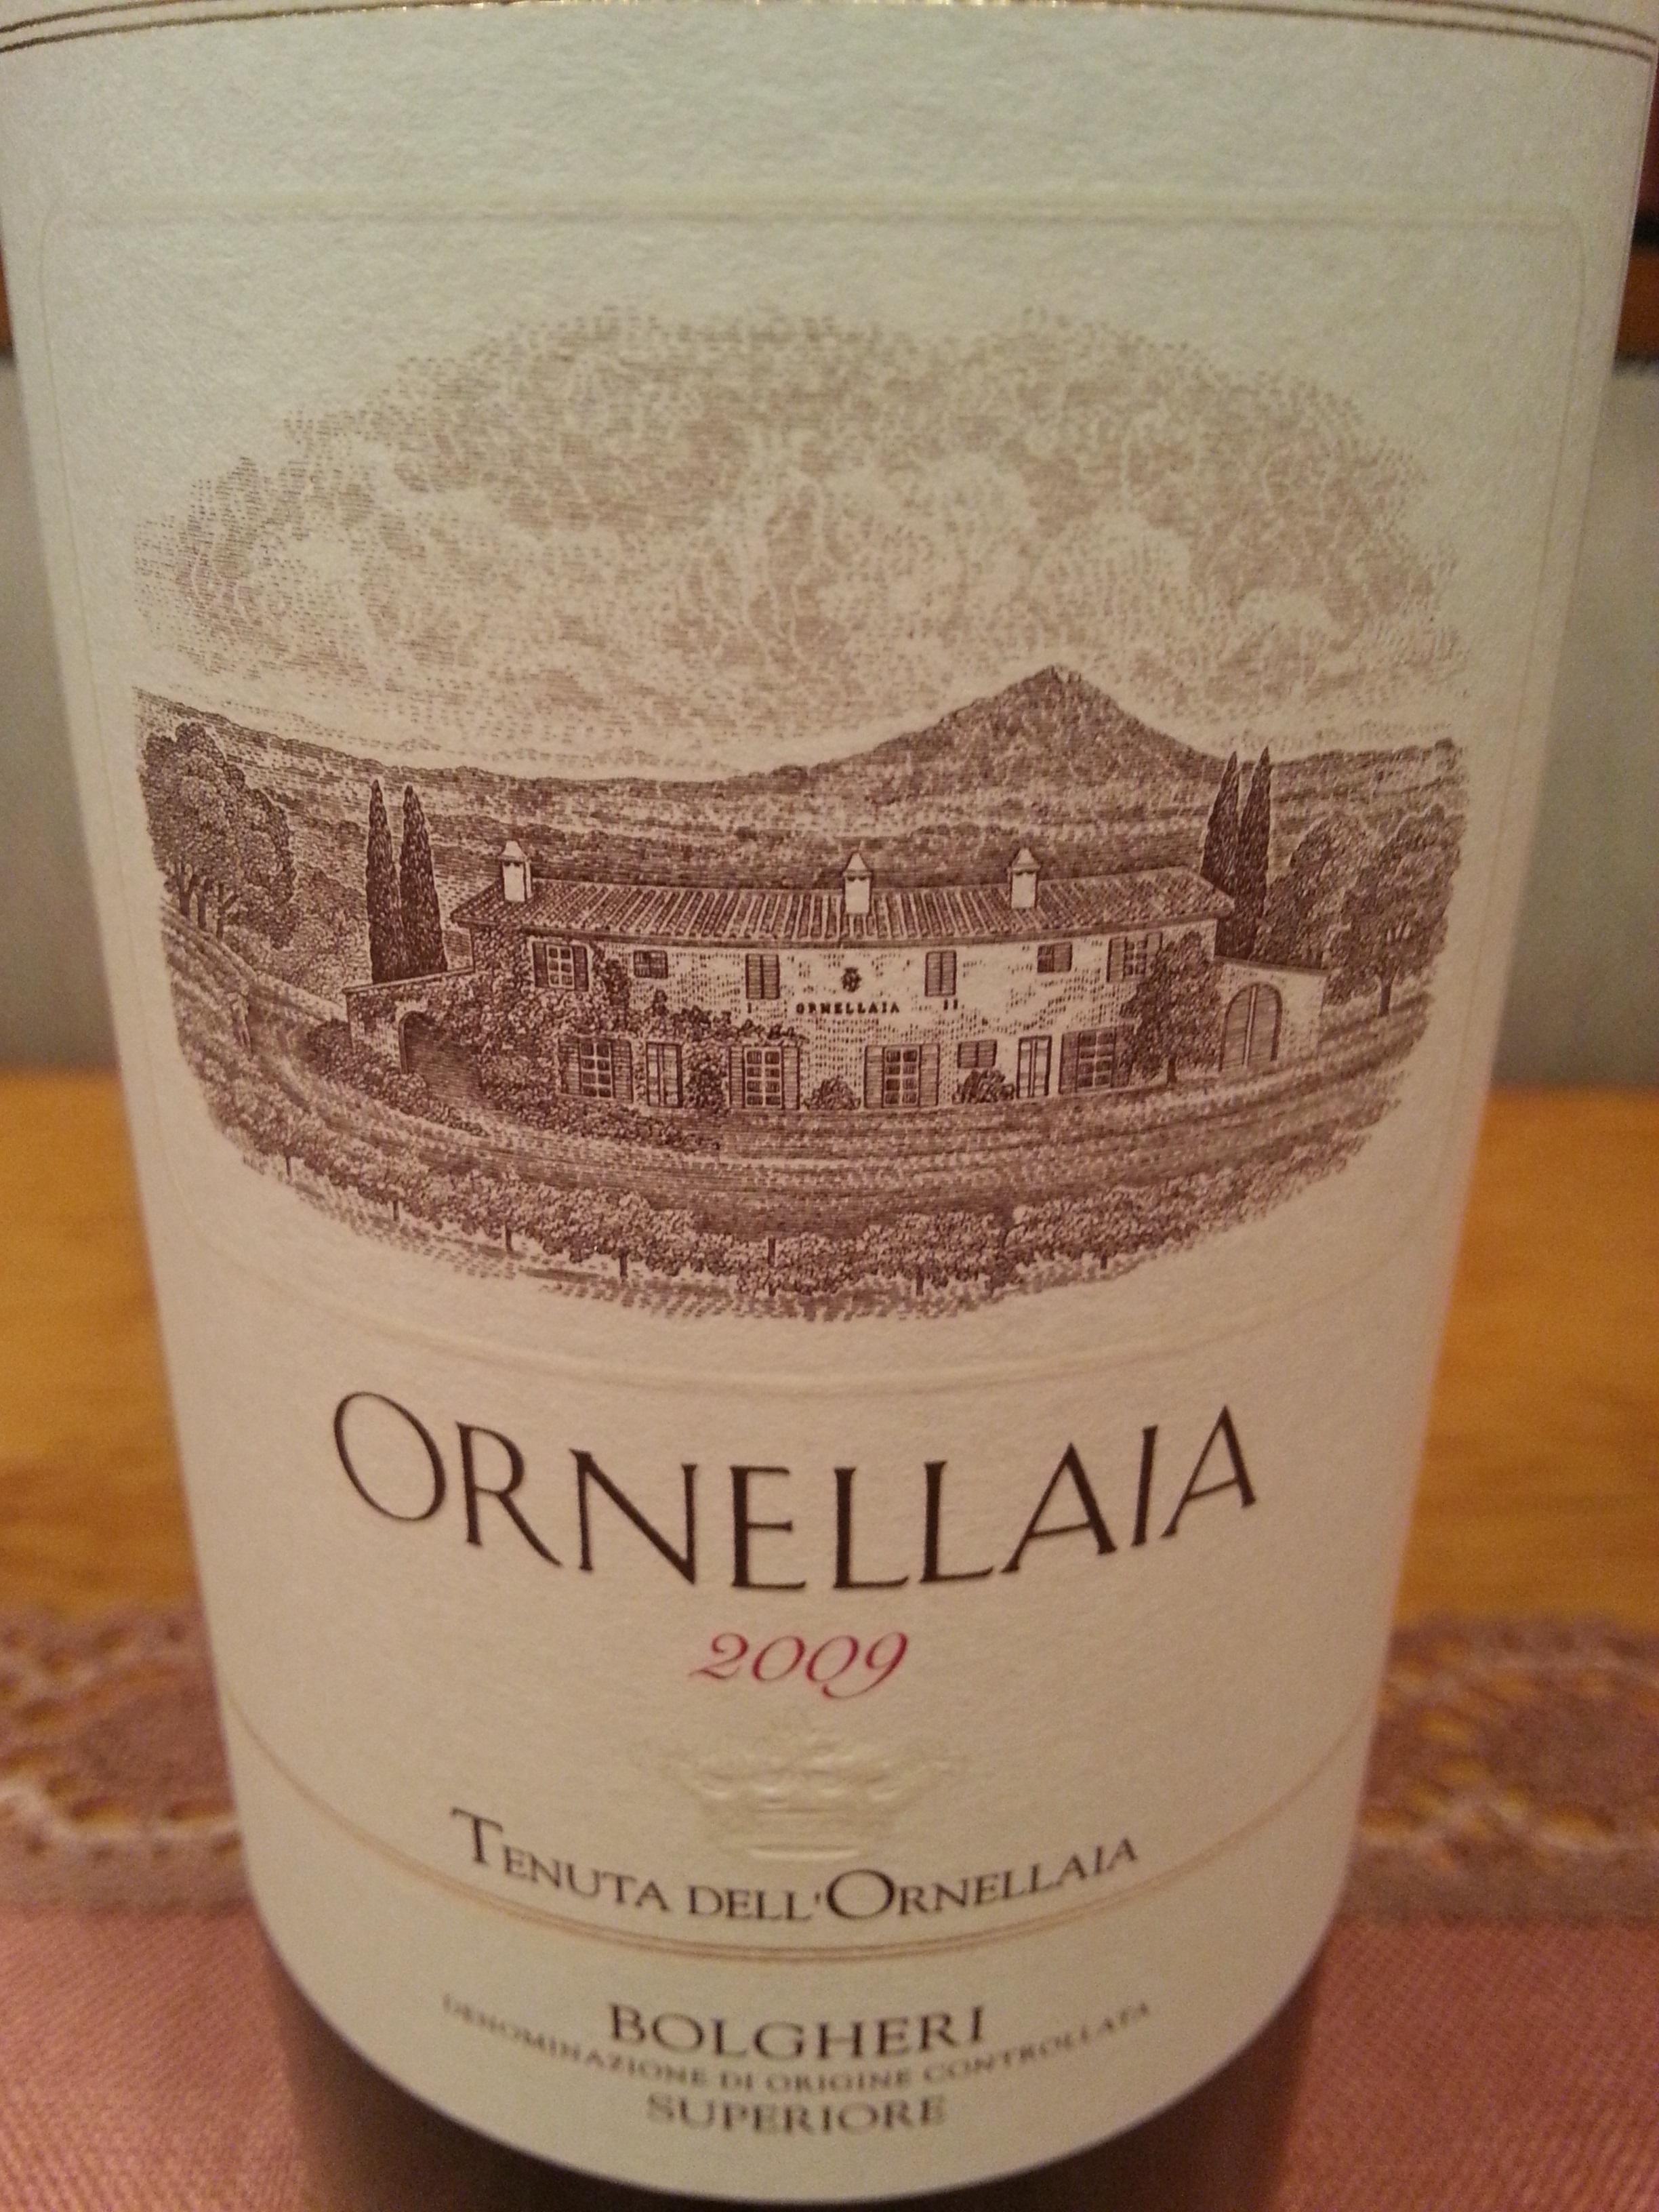 2009 Ornellaia | Tenuta dell'Ornellaia